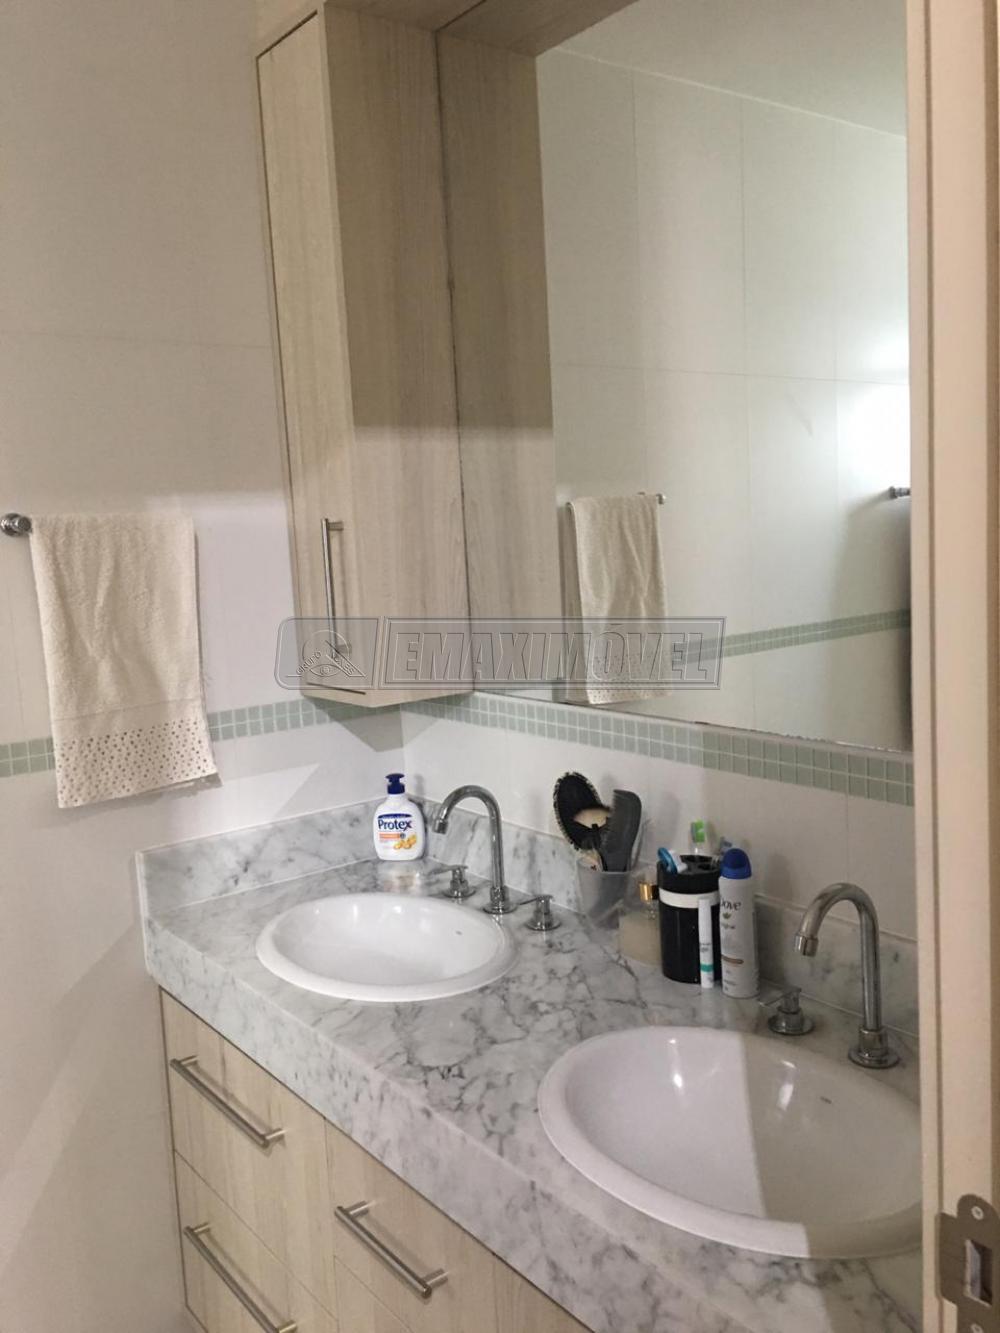 Comprar Apartamento / Padrão em Sorocaba R$ 840.000,00 - Foto 14